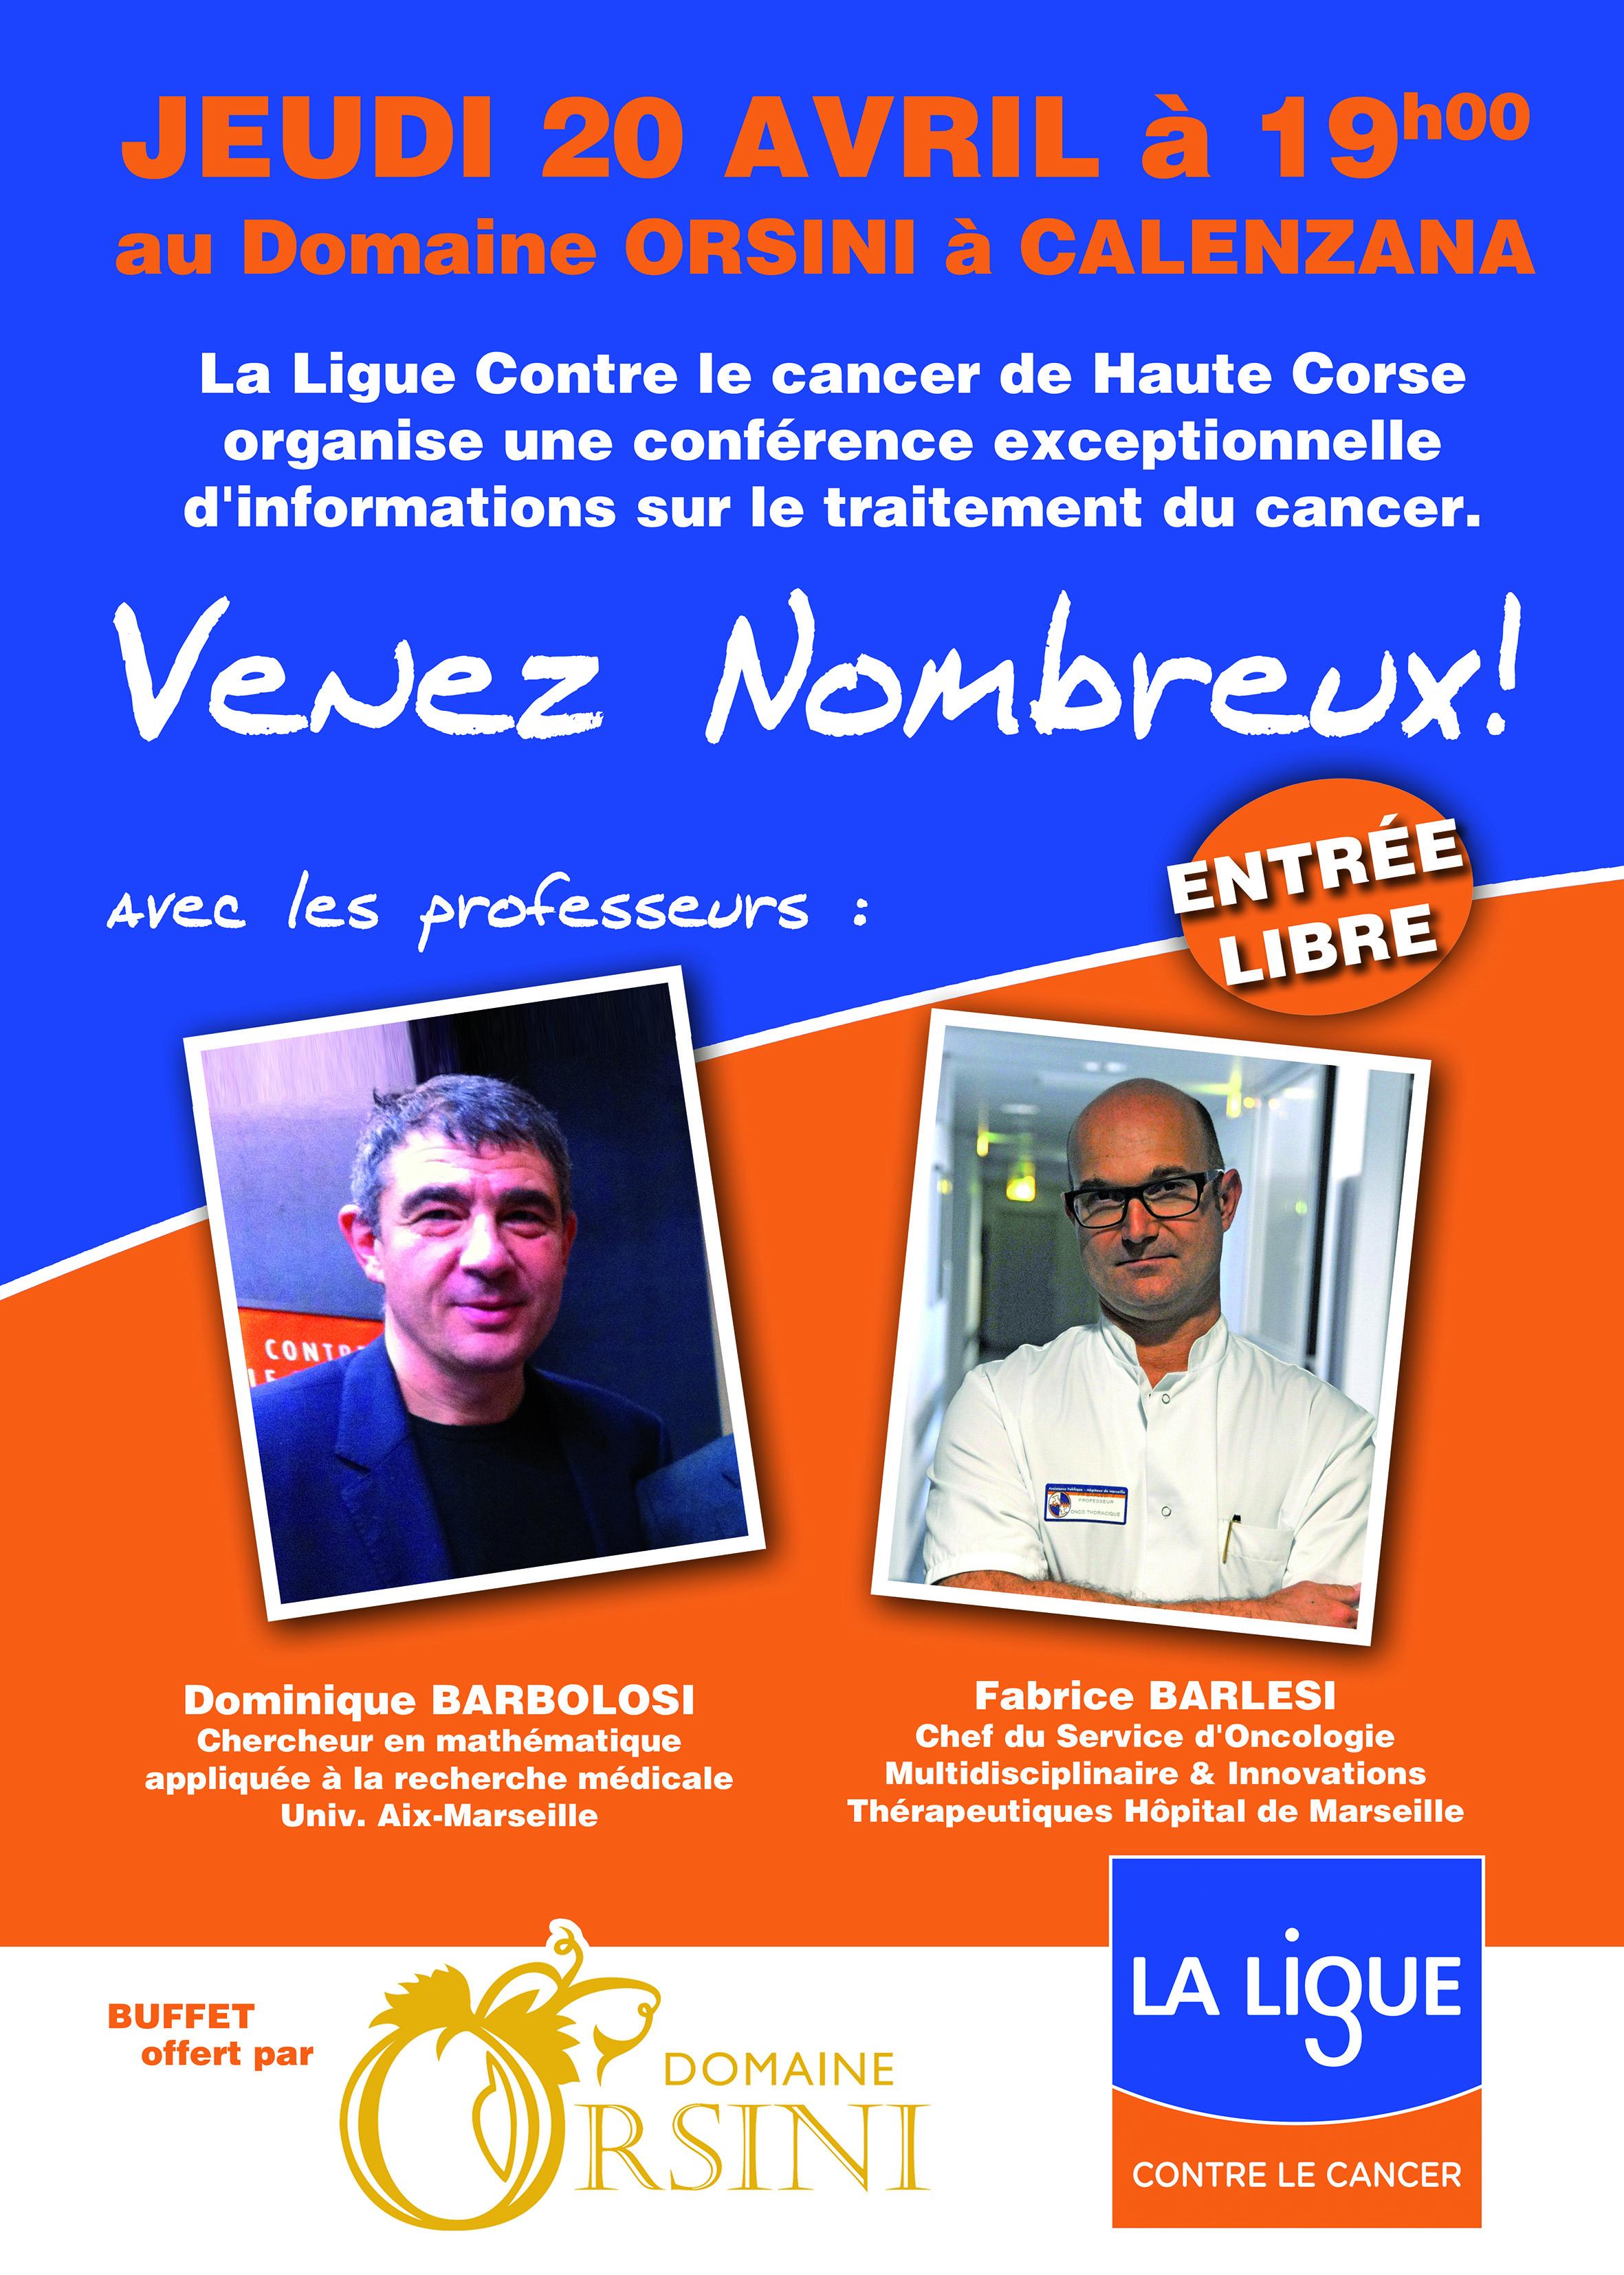 Ligue contre le cancer: conférence des professeurs Barbolosi et Barlesi au Domaine Orsini le 20 avril